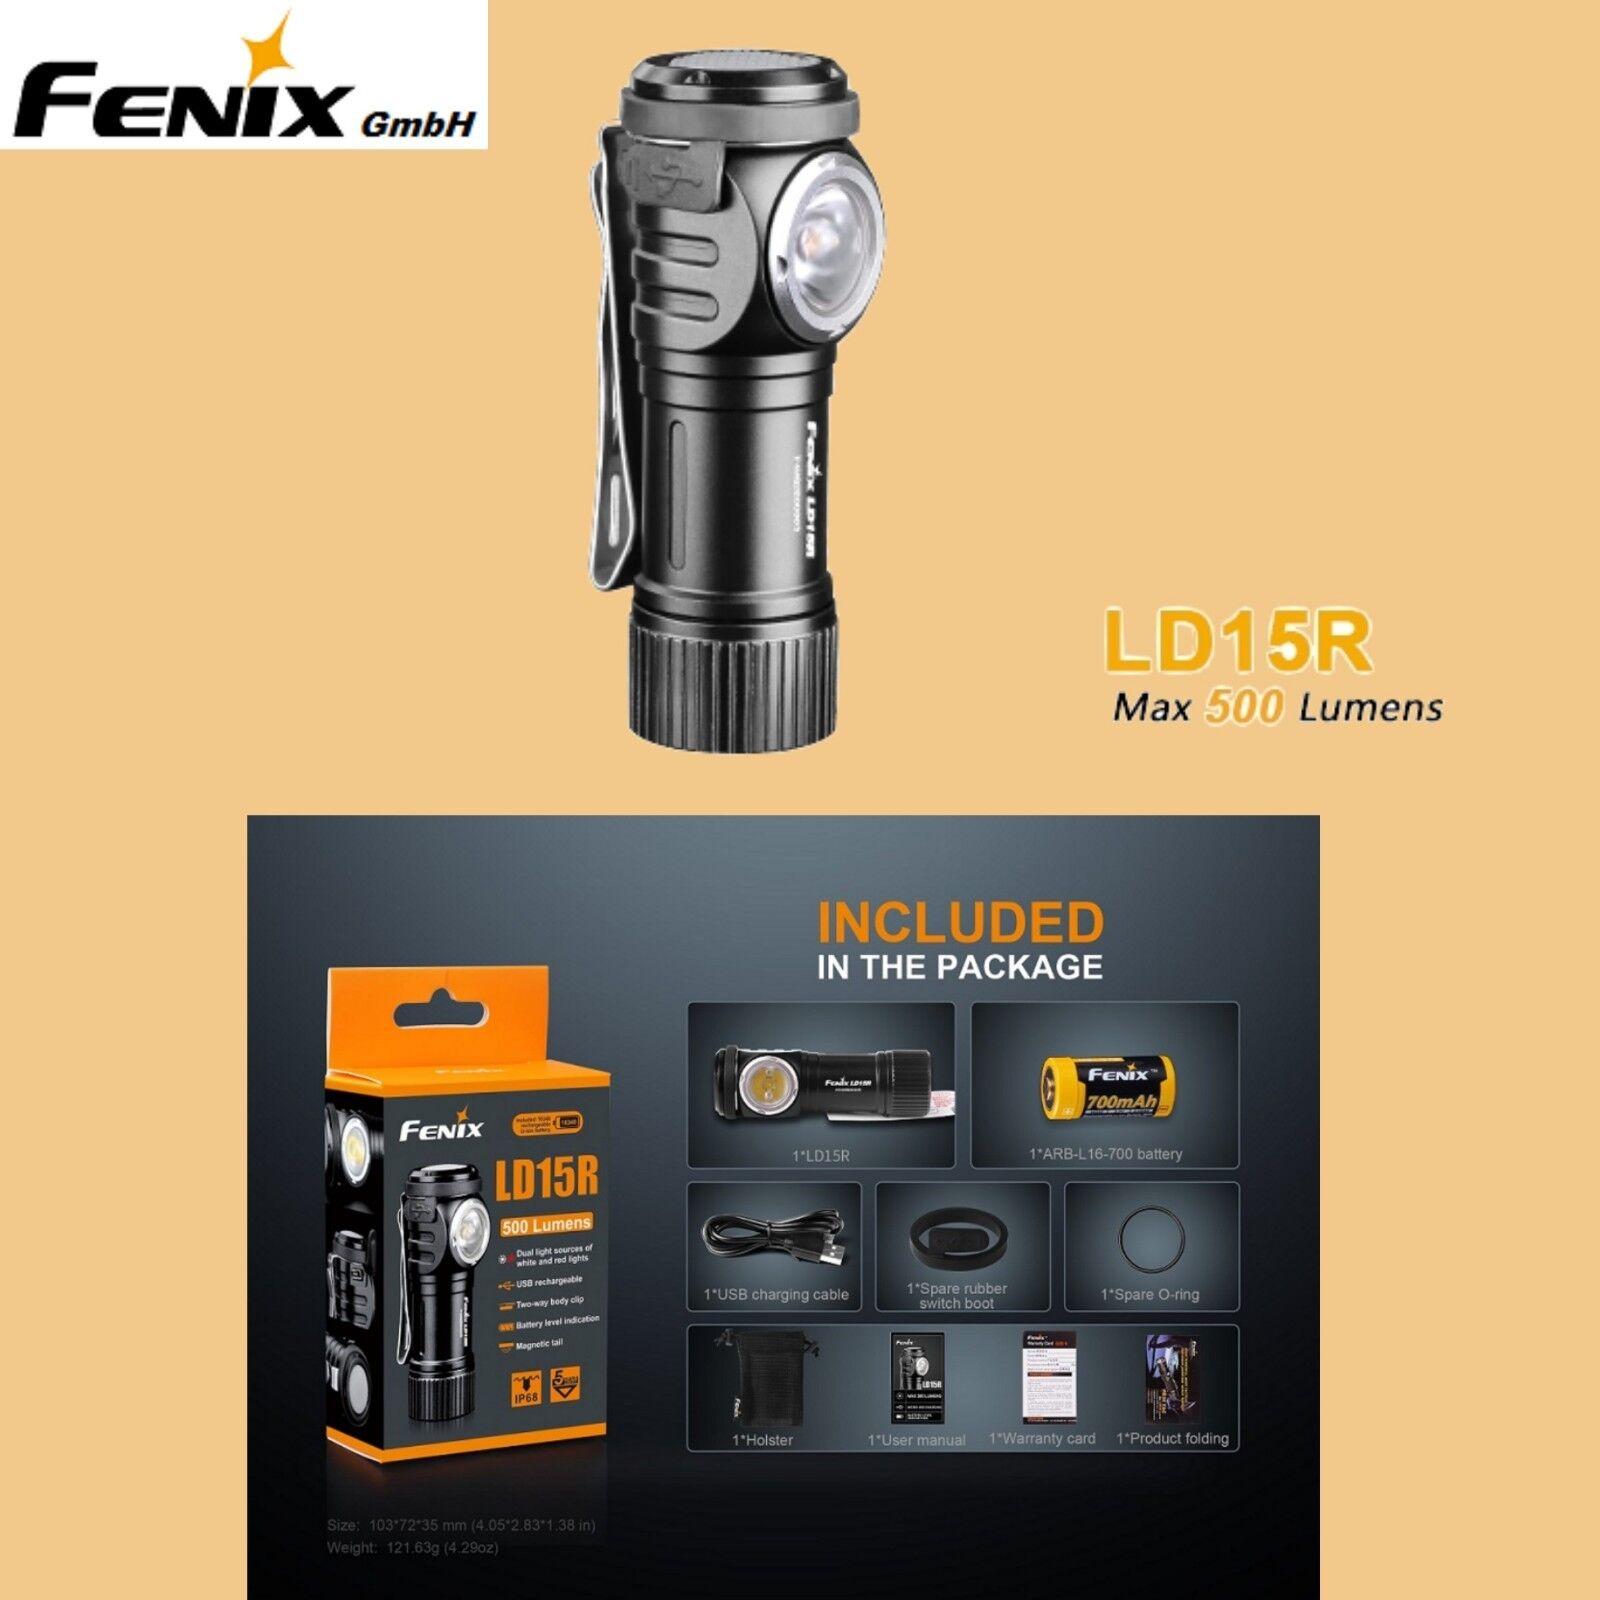 FENIX LD15R Winkellampe Taschenlampe 500 Rotlicht lm weiß + Rotlicht 500 Magnet USB Clip Akku 0dc9b4